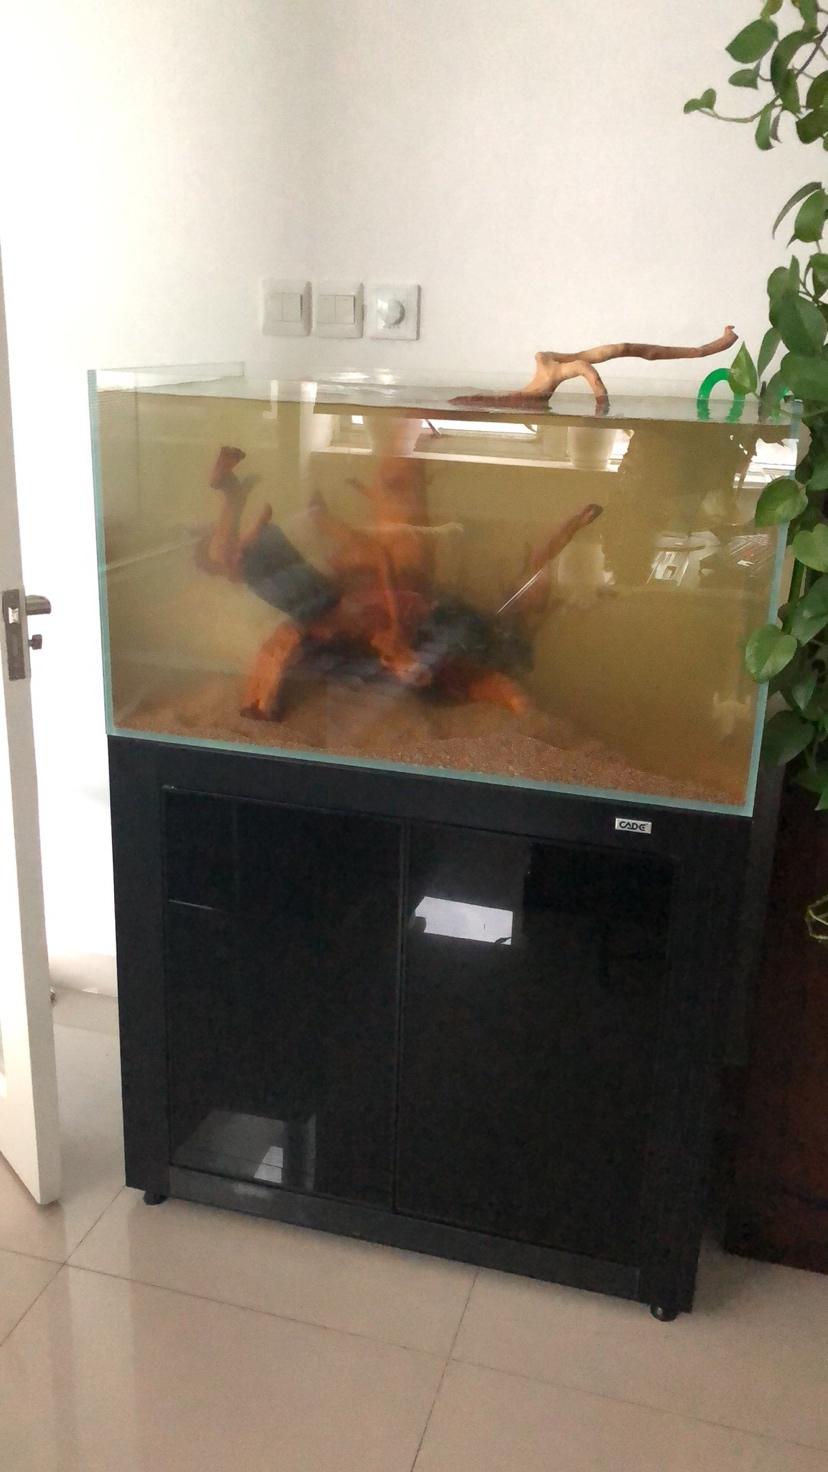 西安黑云鱼怎么养家有小缸初开成 西安观赏鱼信息 西安博特第2张